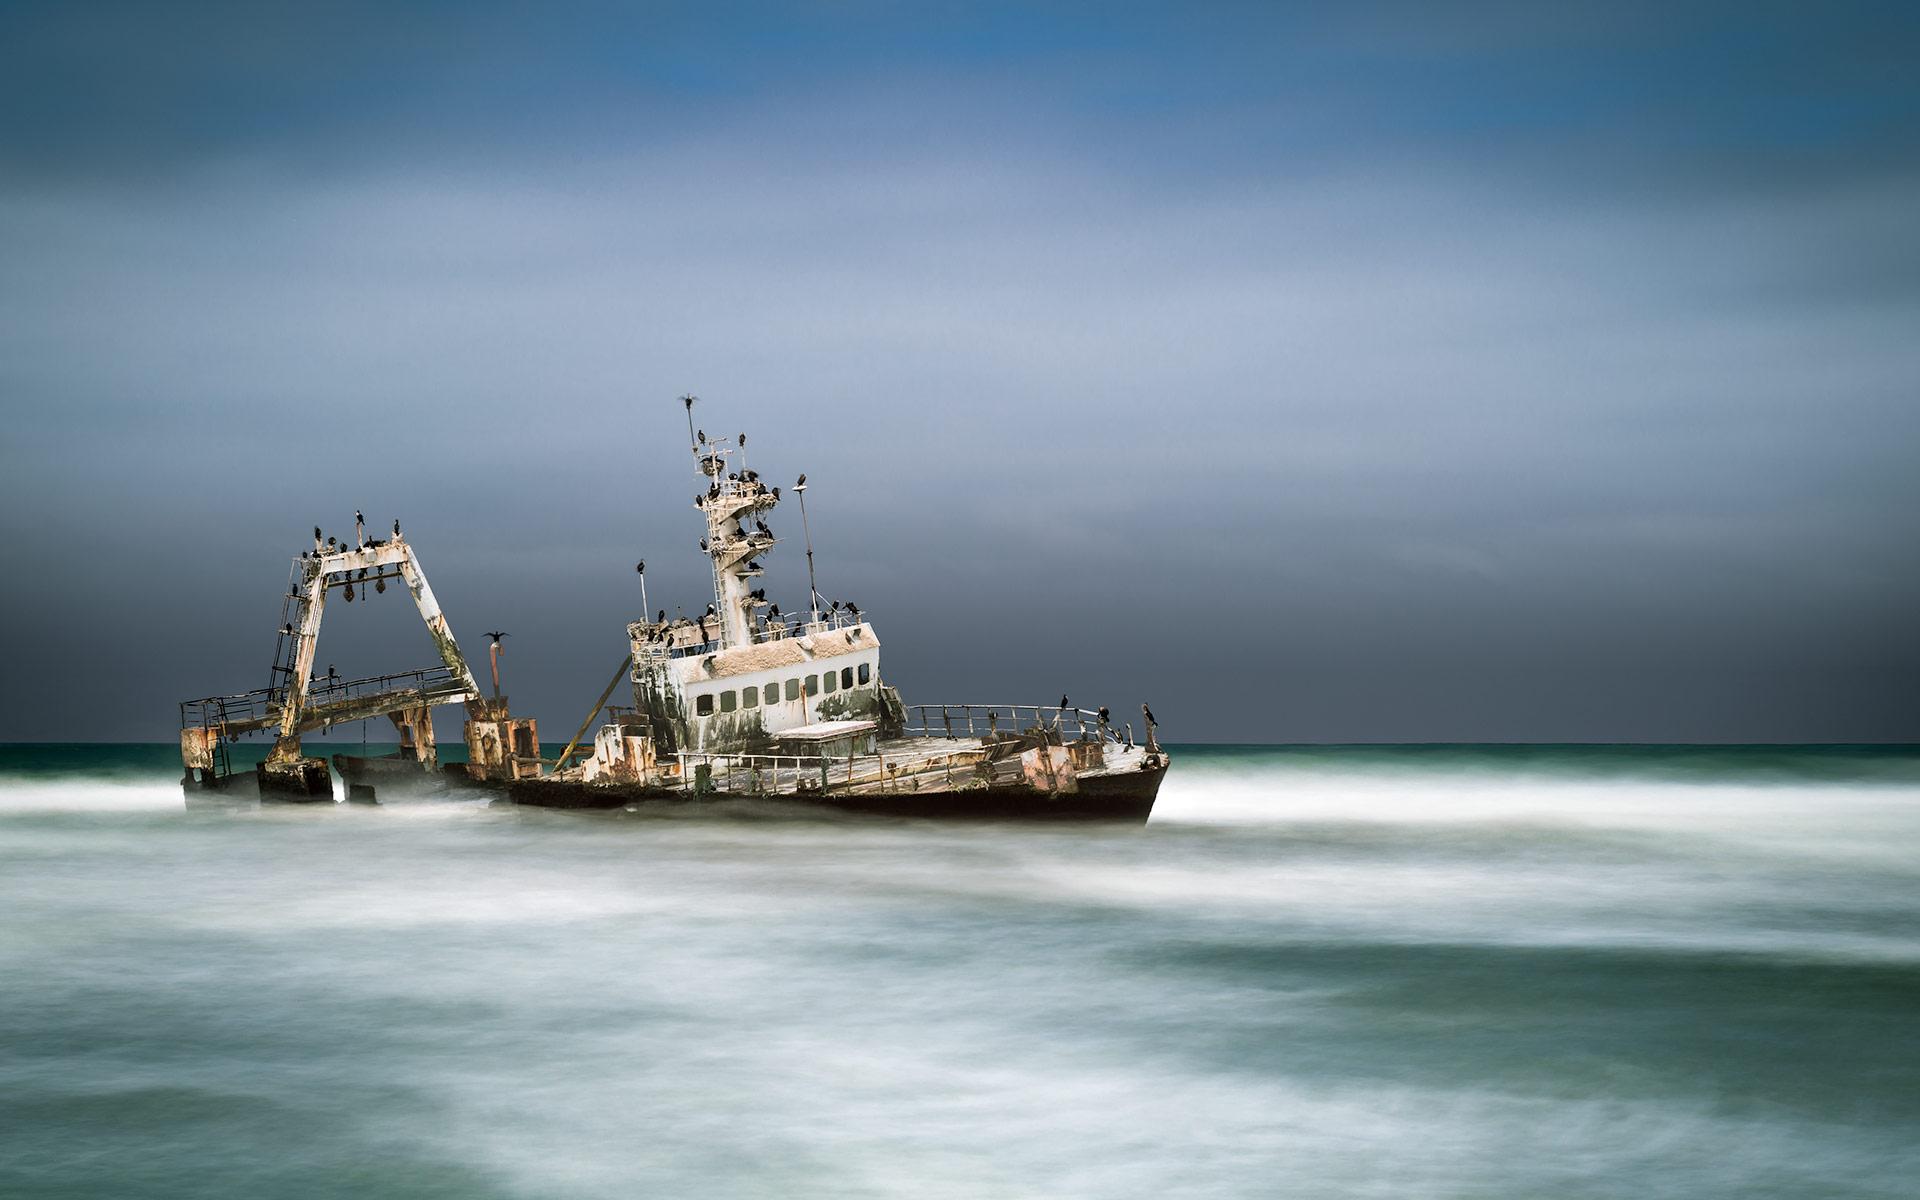 Zaila Shipwreck, Namibia